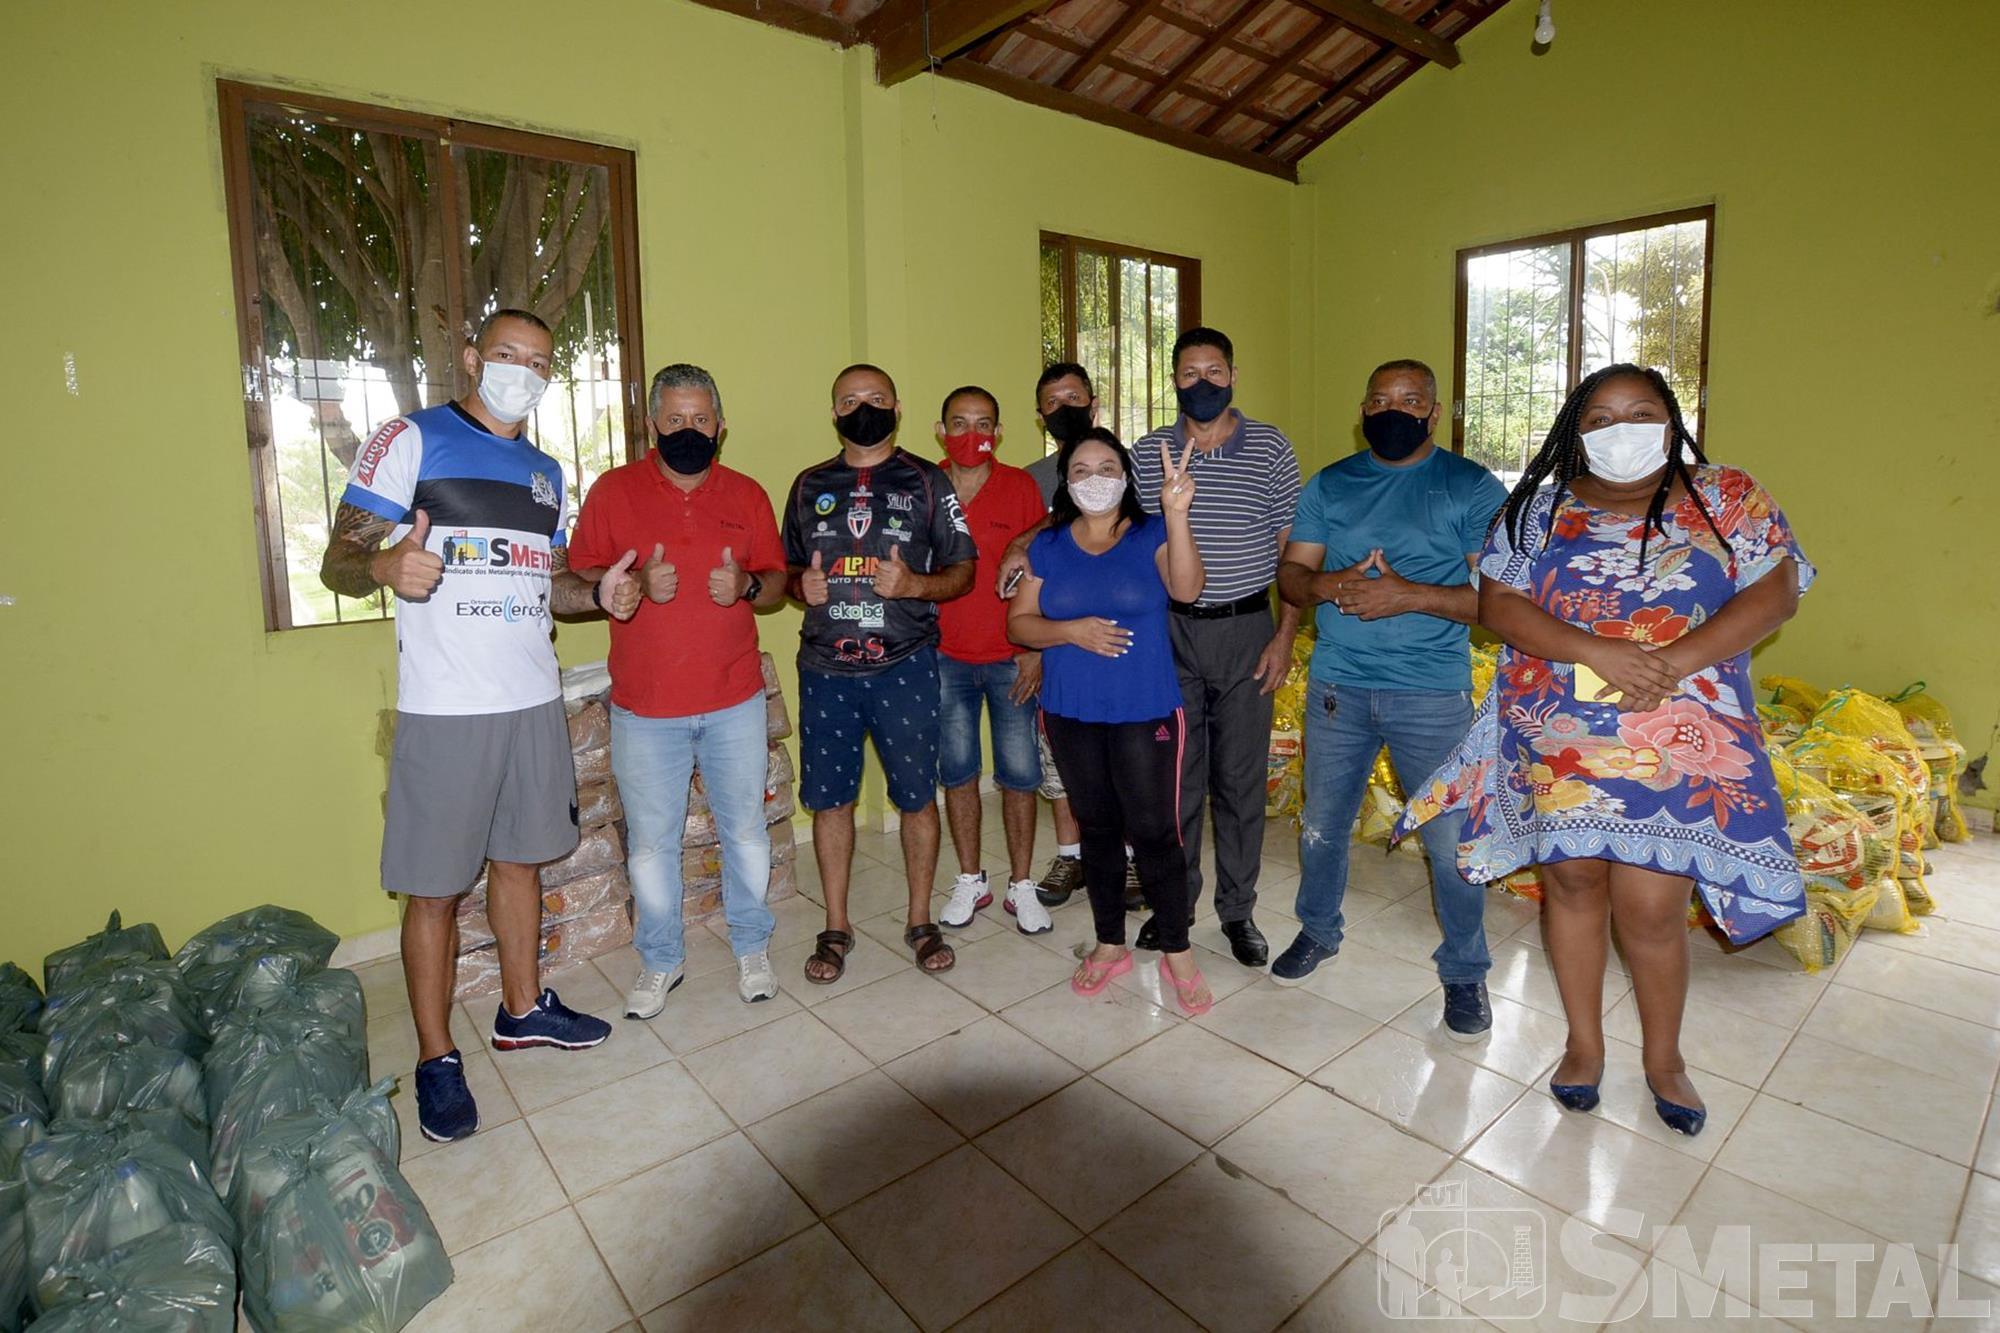 Foguinho/Imprensa SMetal , Natal sem Fome doa 1, 1 mil cestas em Sorocaba e região; confira as fotos